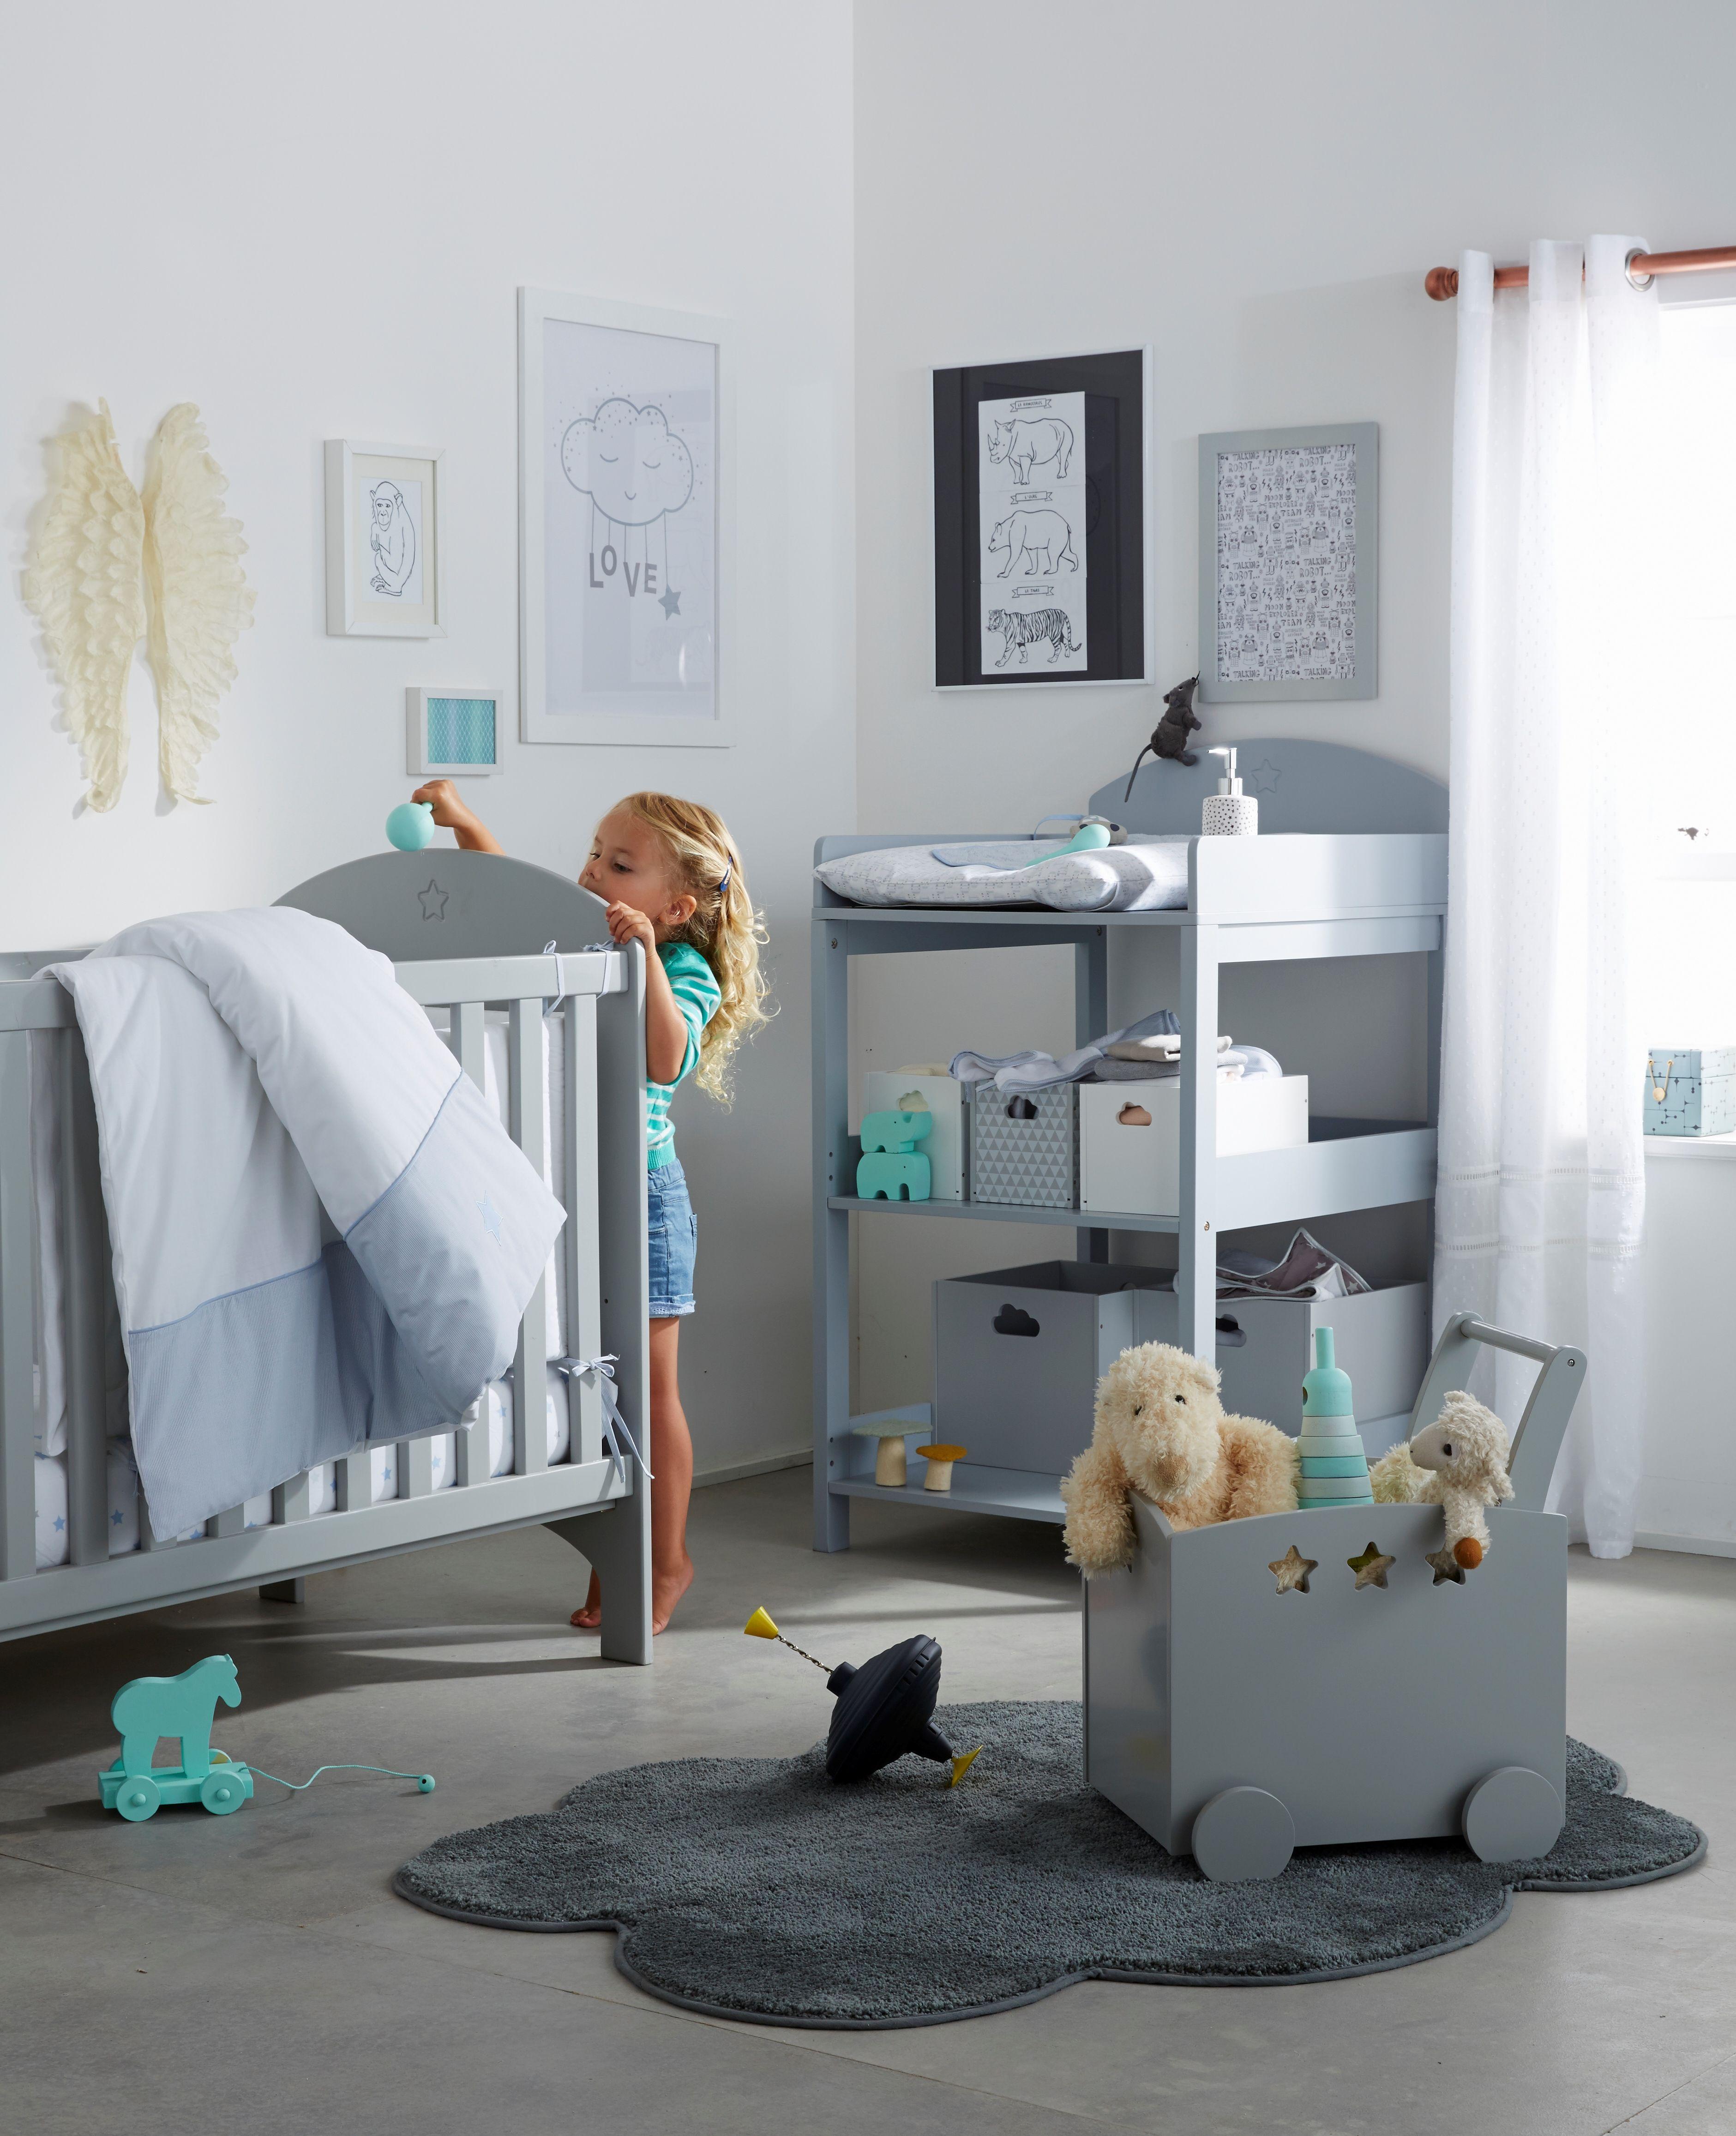 lit barreaux b b chambre d co collection printemps. Black Bedroom Furniture Sets. Home Design Ideas